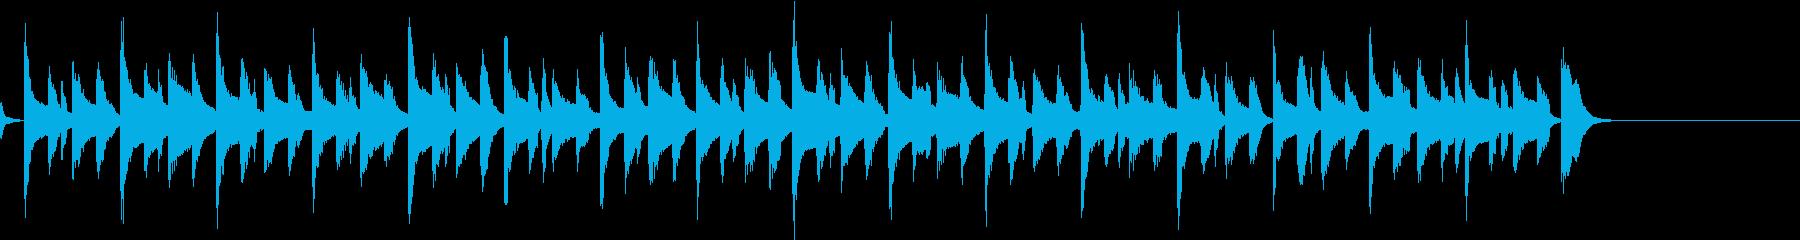 ほのぼの やさしい 日常 ジングル3の再生済みの波形